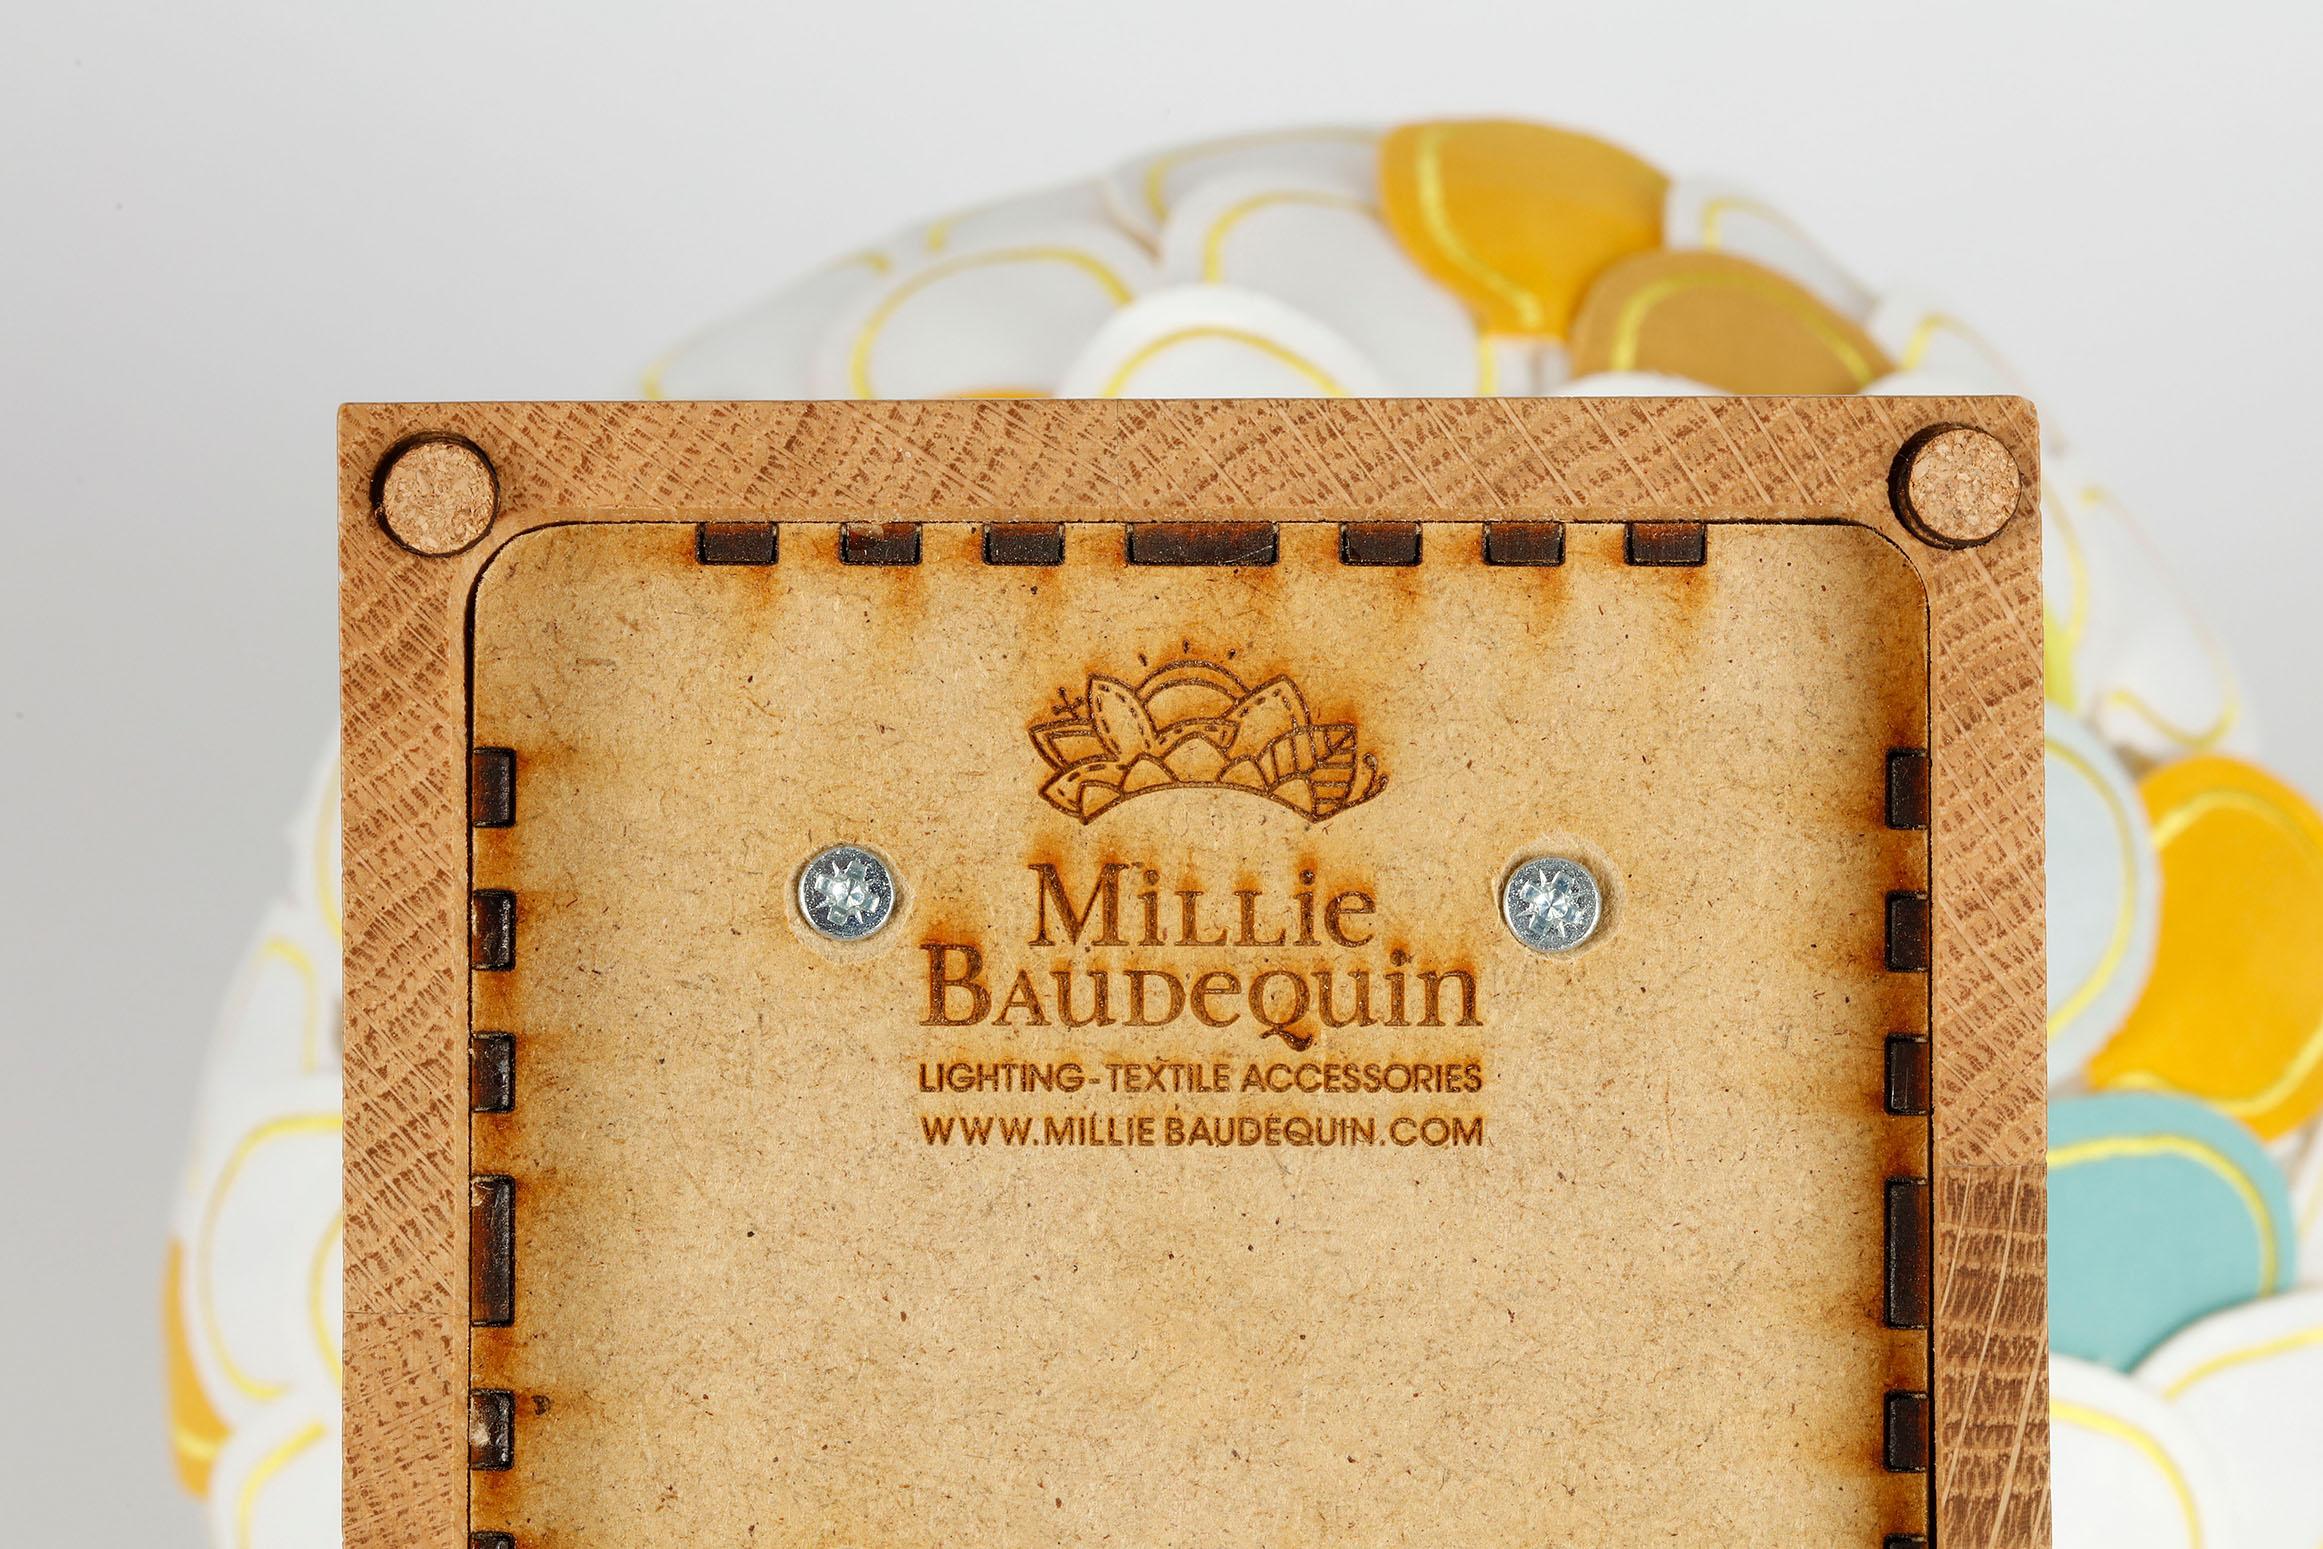 Lampe Olea, Millie Baudequin, détail socle logotype.